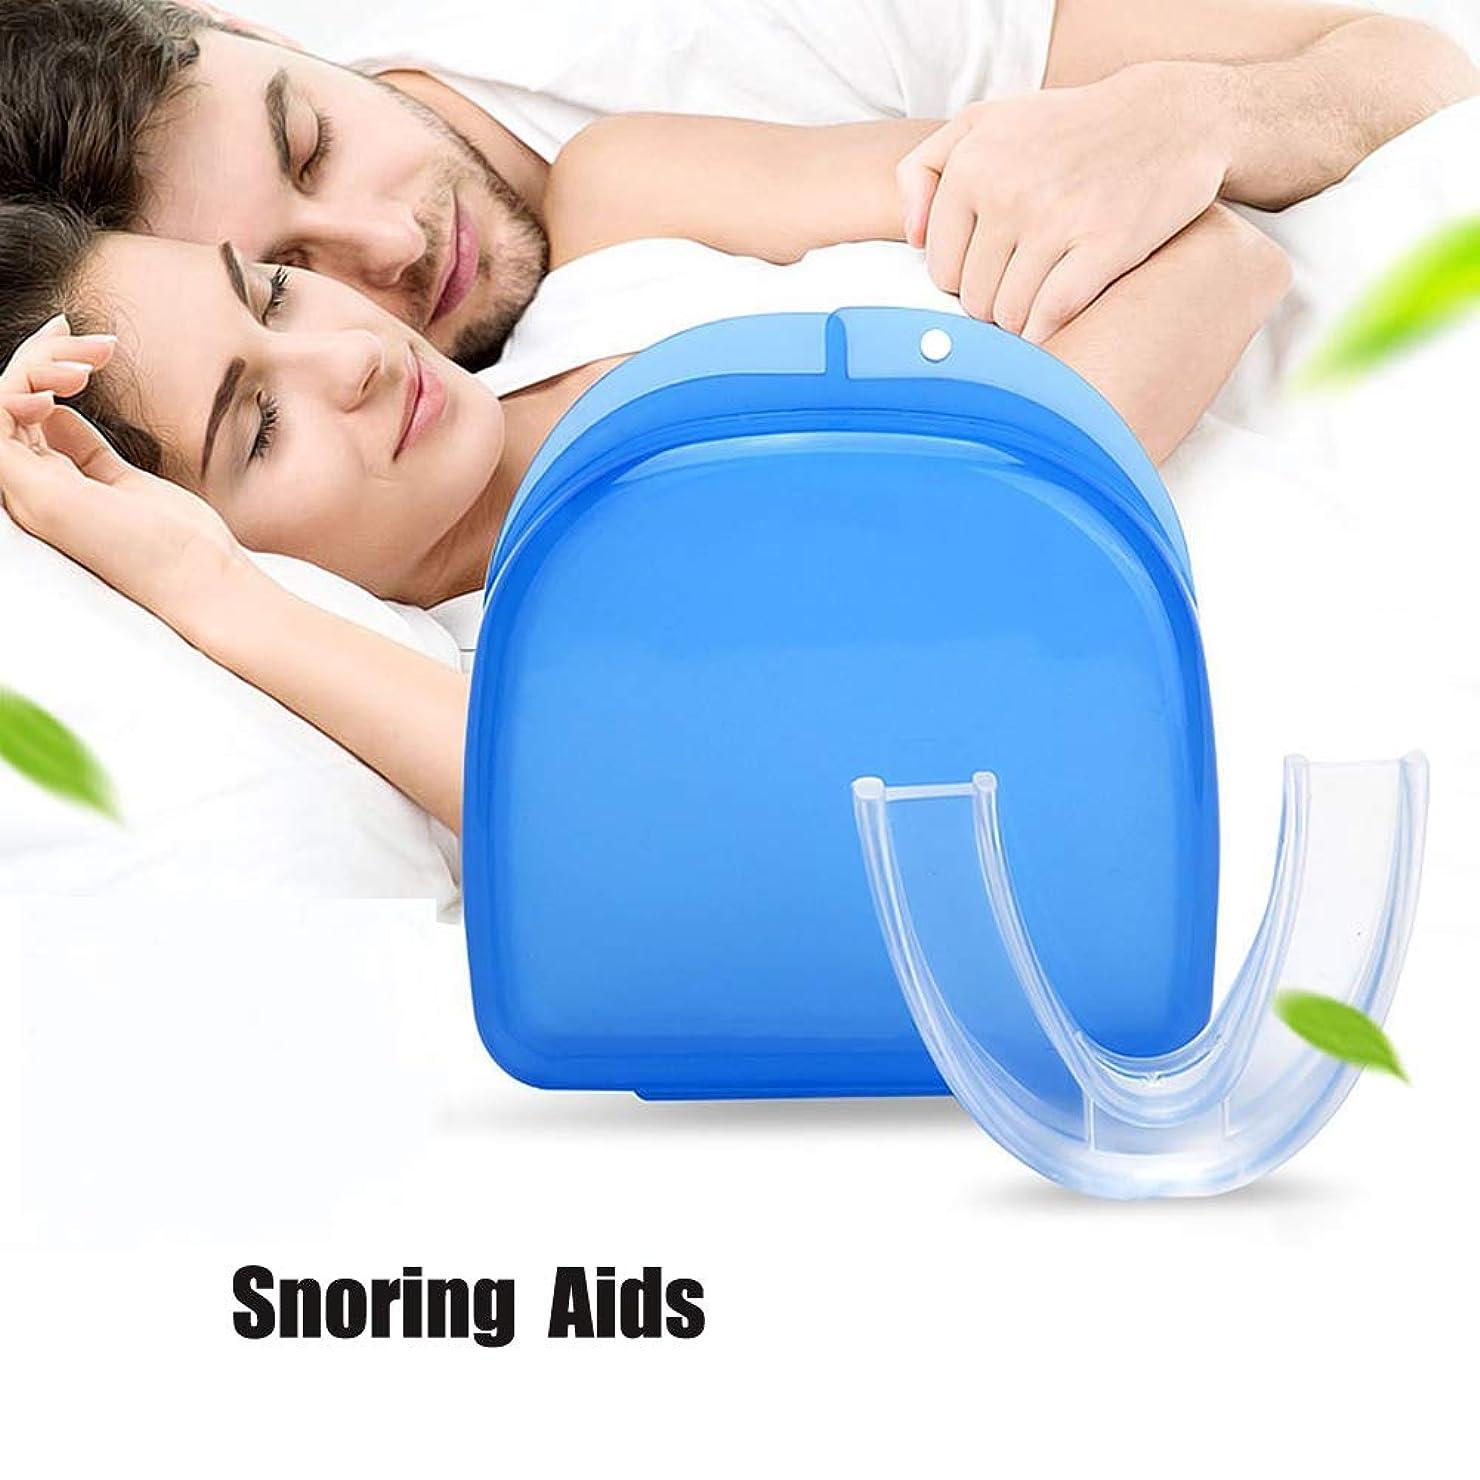 有彩色のロバ審判安全なシリコーンアンチいびき、いびき止めソリューション品質ツール睡眠とハーモニーライフ健康睡眠ツール、3個